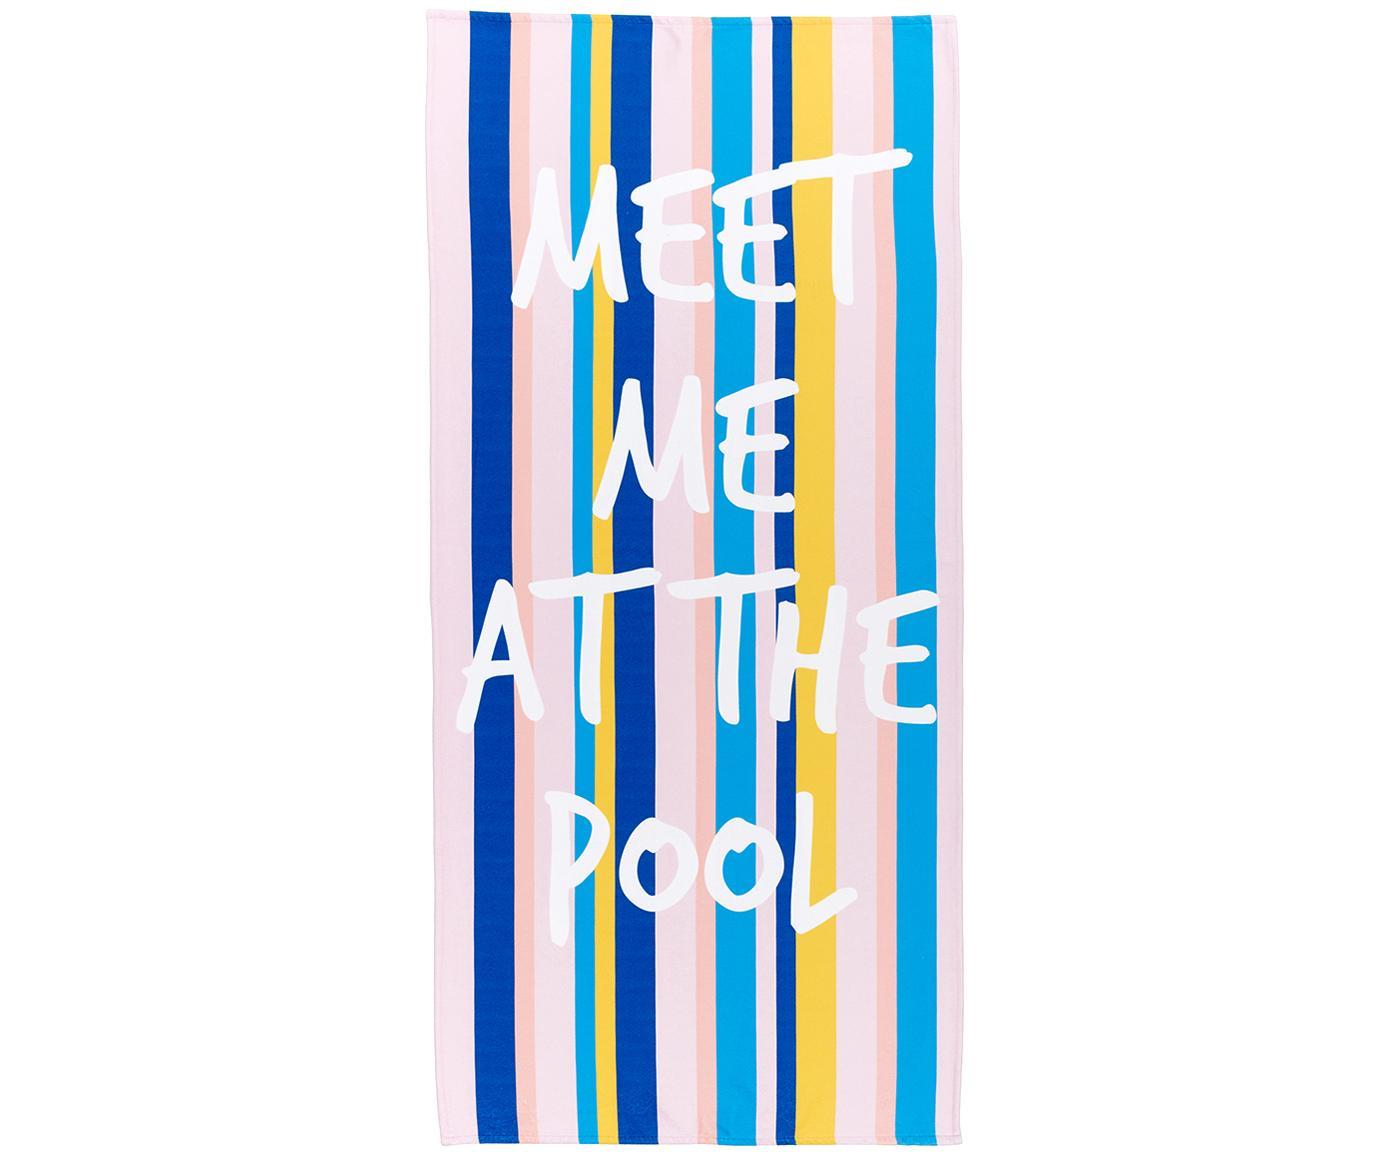 Telo mare leggero con scritte Meet Me, 55% poliestere, 45% cotone, qualità molto leggera 340 g/m², Multicolore, Larg. 70 x Lung. 150 cm